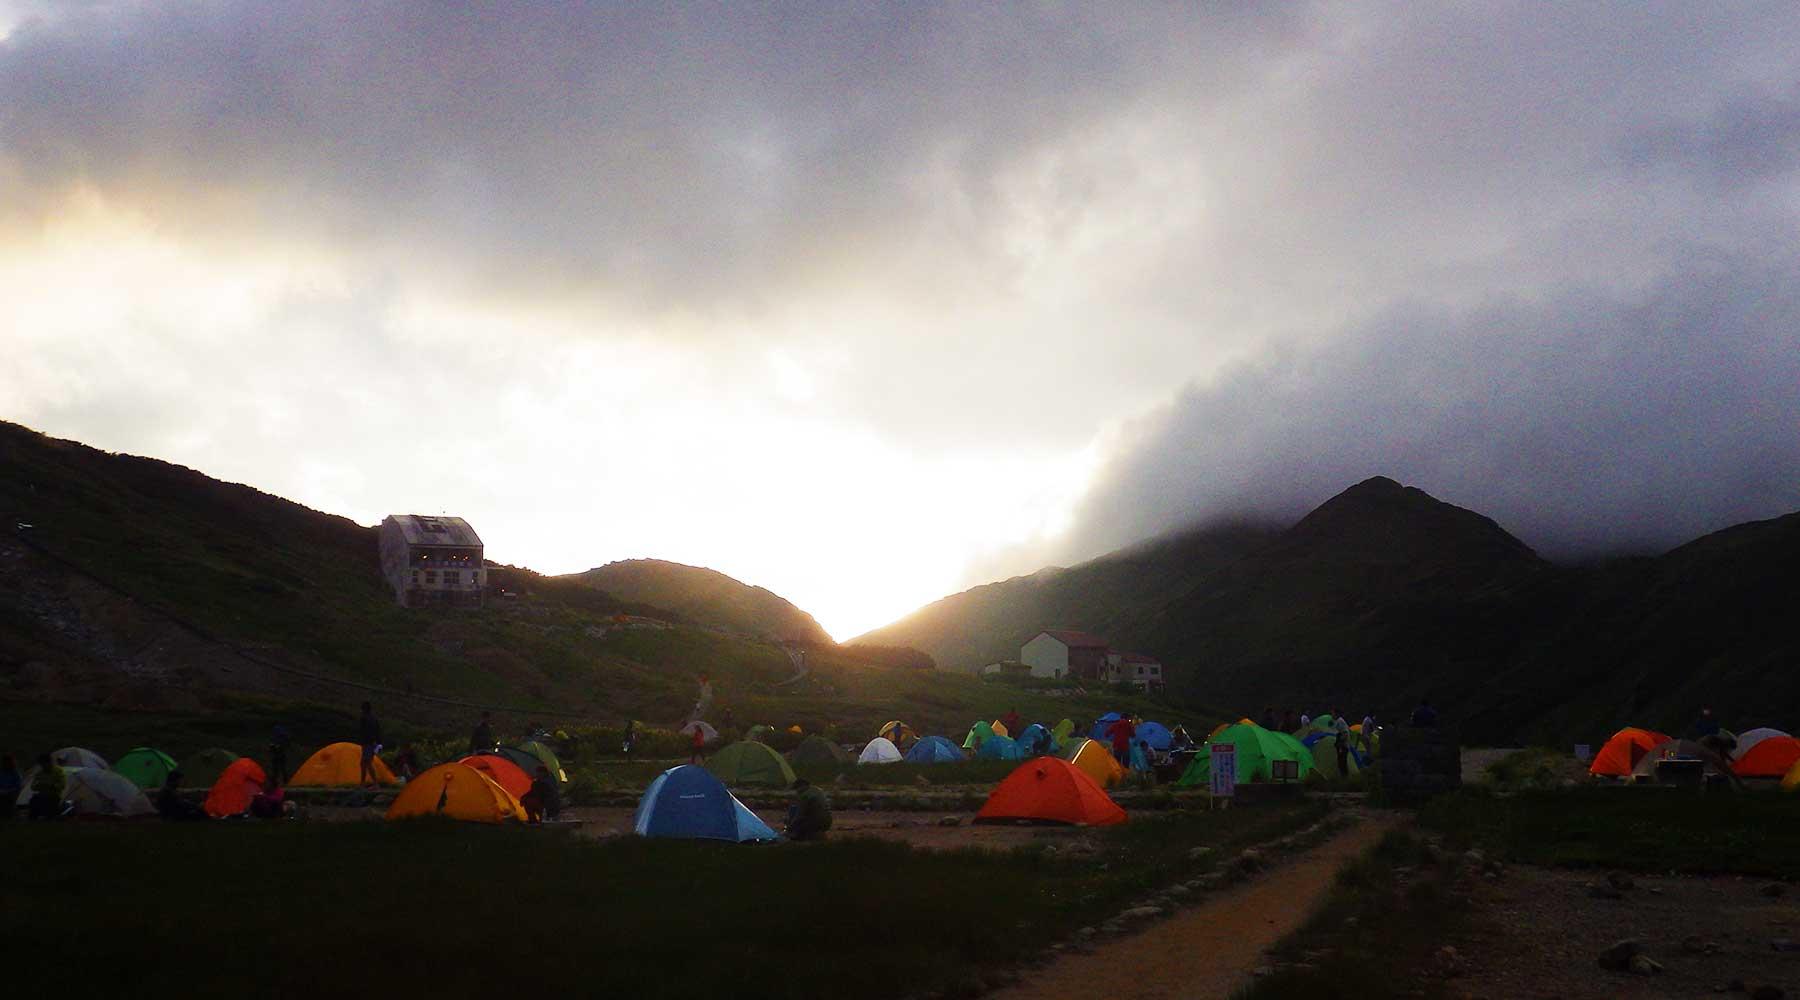 雷鳥沢キャンプ場の夕陽